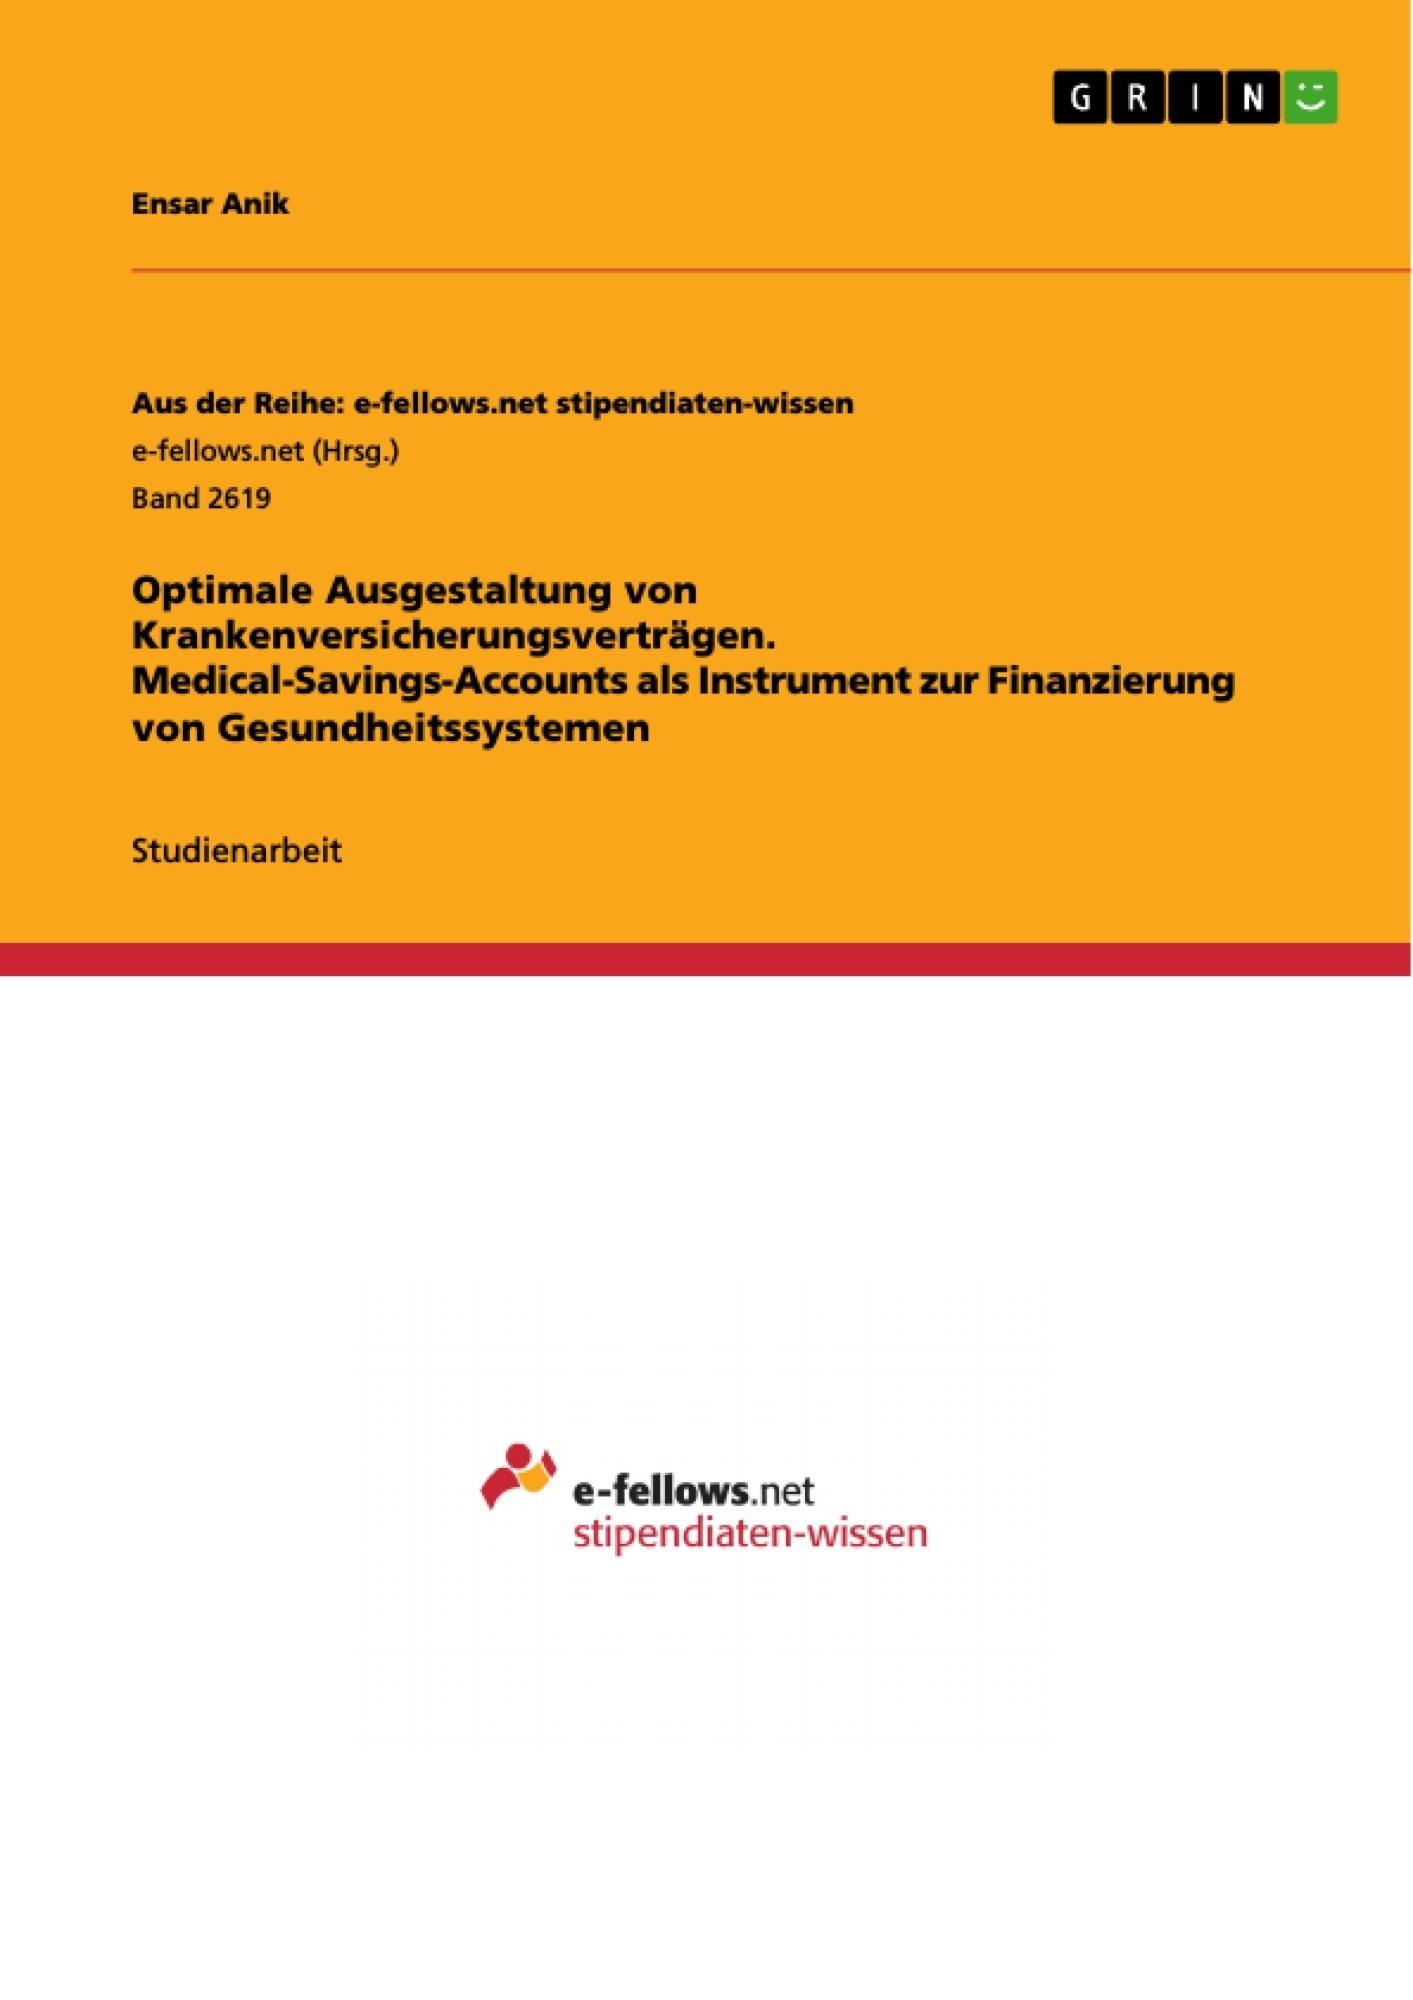 Titel: Optimale Ausgestaltung von Krankenversicherungsverträgen. Medical-Savings-Accounts als Instrument zur Finanzierung von Gesundheitssystemen